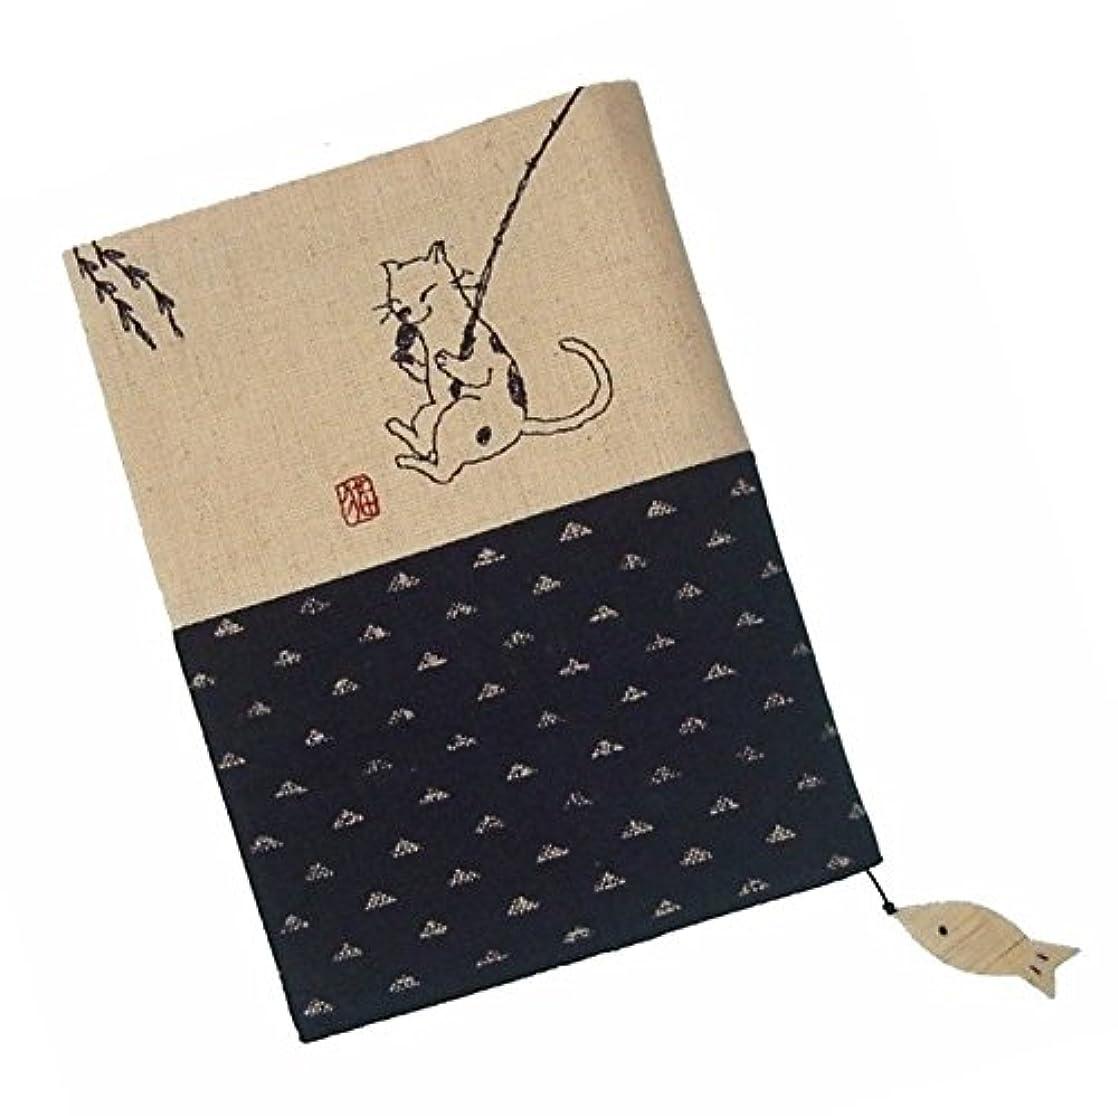 メーター期待して押すドン?ヒラノ - 魚つり 和柄チックな猫刺繍ブックカバー DON HIRANO #文庫判 (ネイビー 紺)